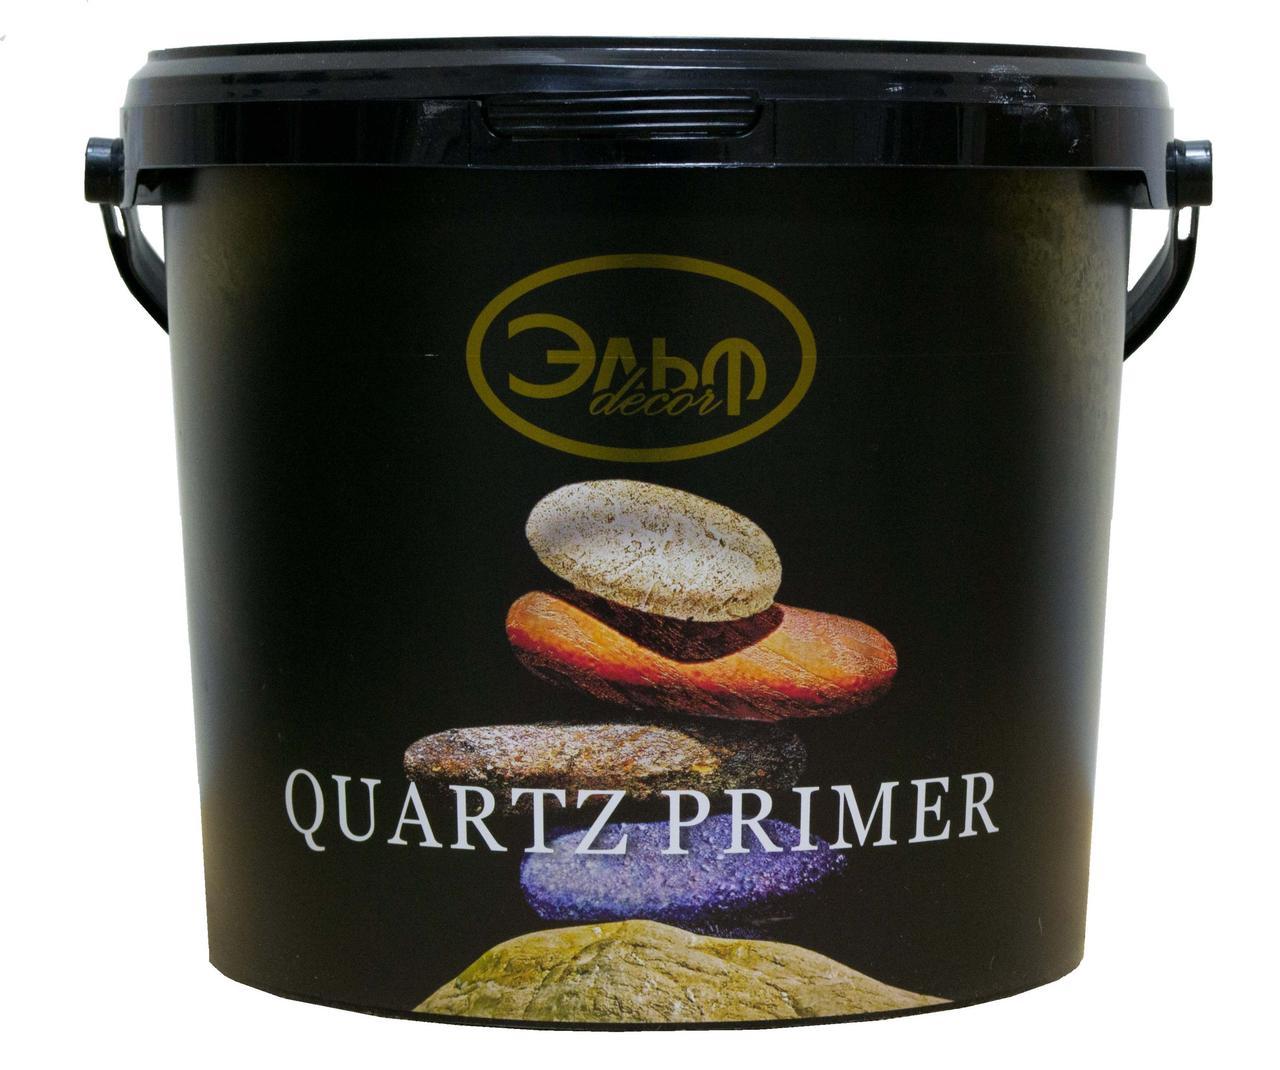 QUARTZ PRIMER (Кварц праймер), Эльф, кварц-грунт перед нанесением декоративных покрытий, 5л